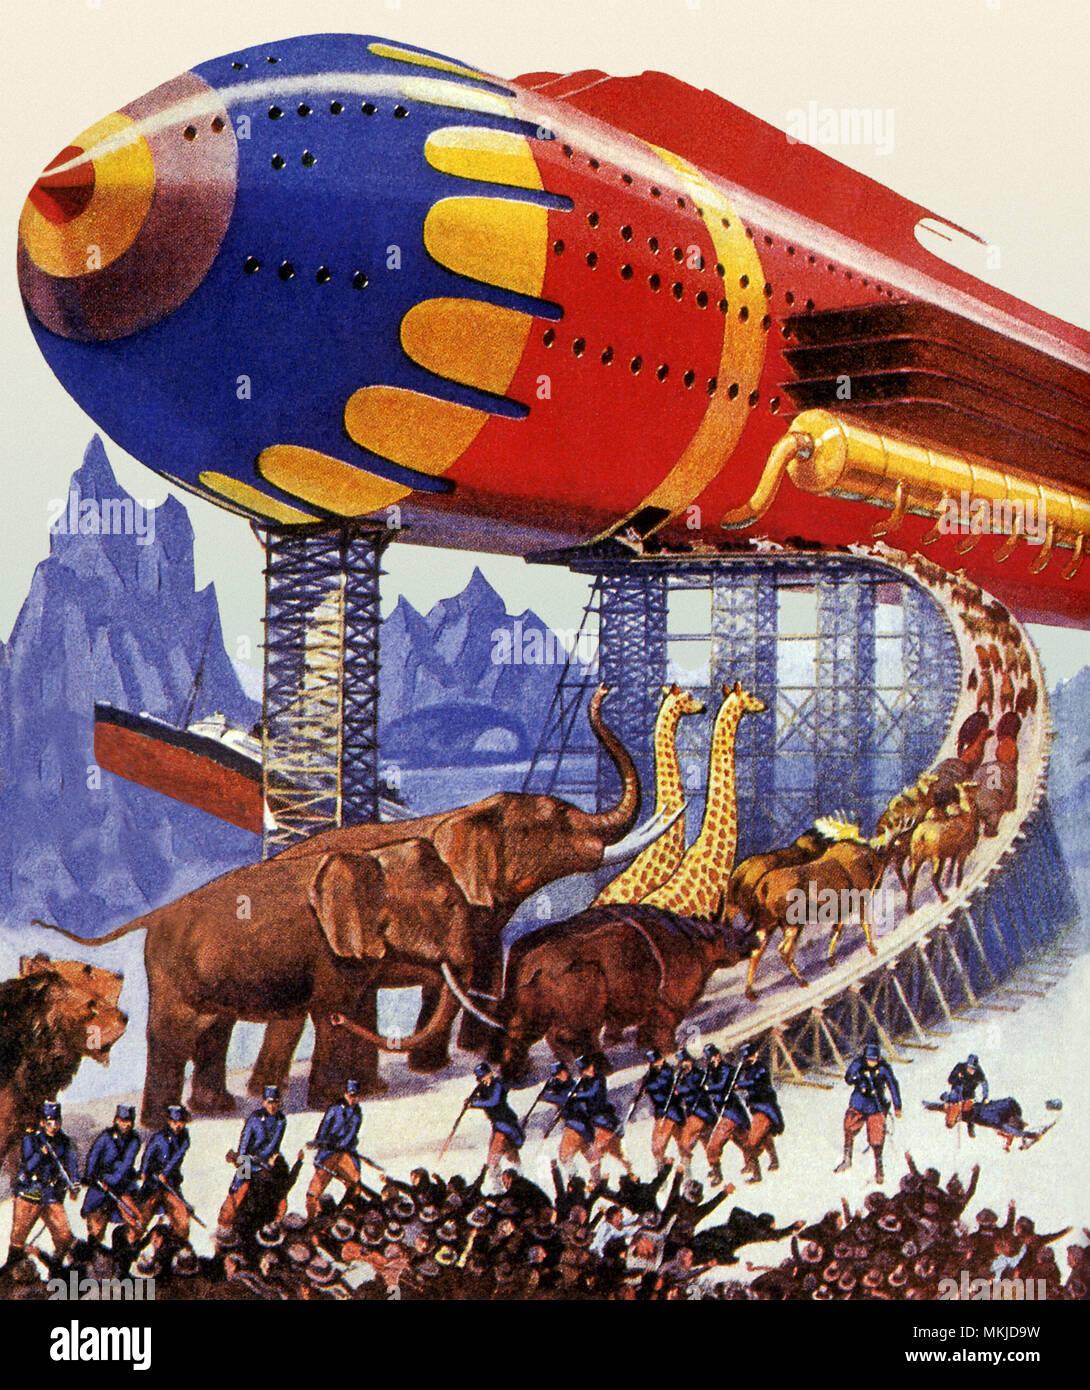 Sci Fi - Futuristic Noah's Ark - Stock Image